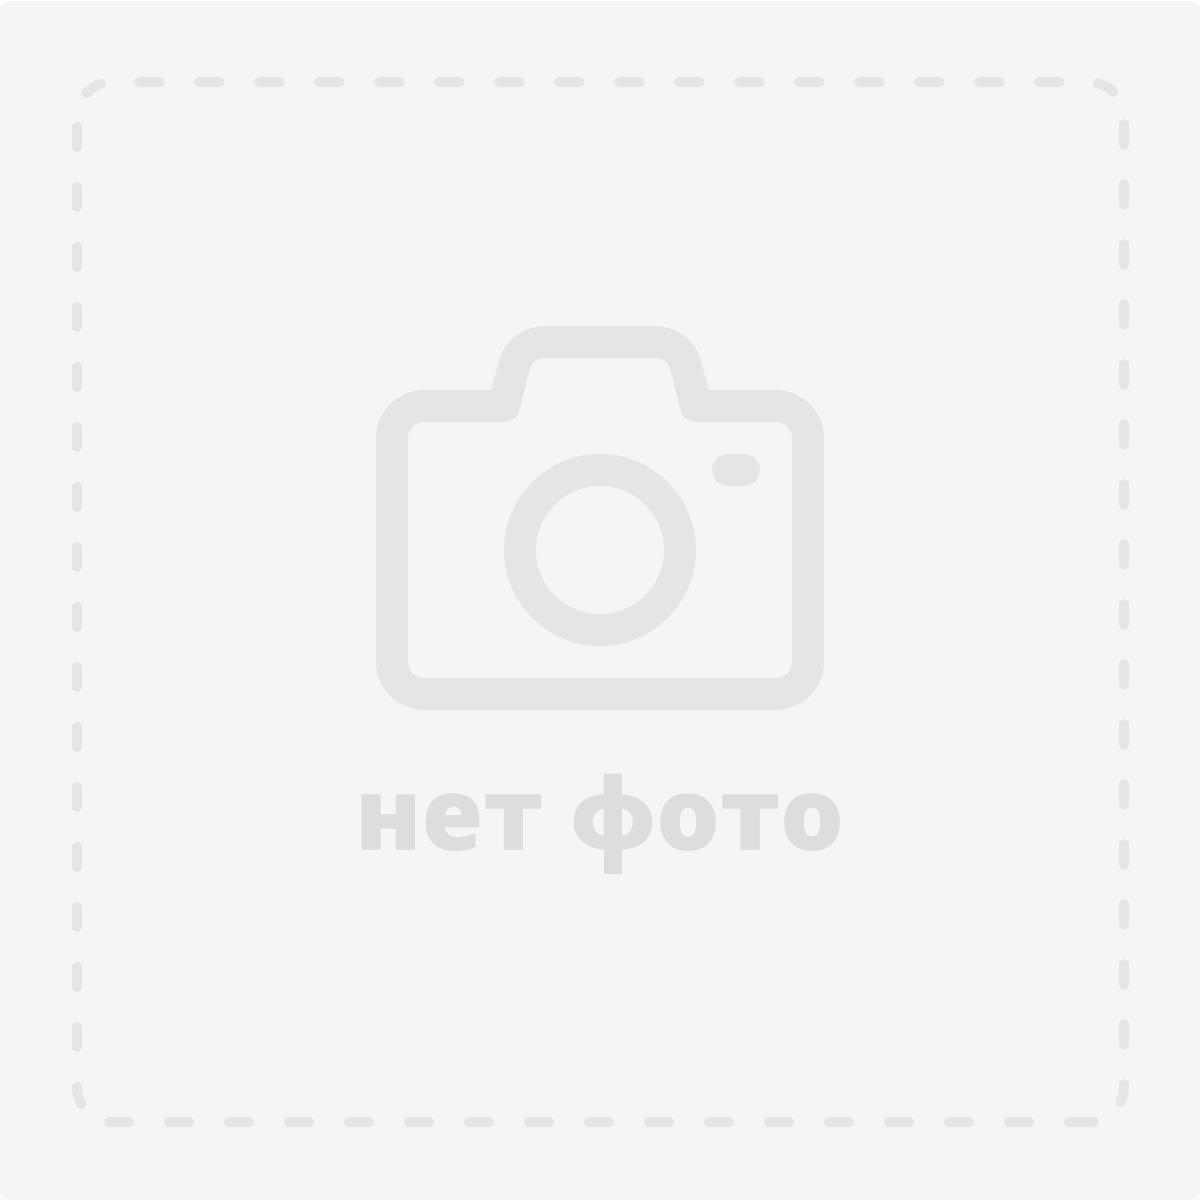 Бельгийцы отчеканили монеты «Битва при Ватерлоо»